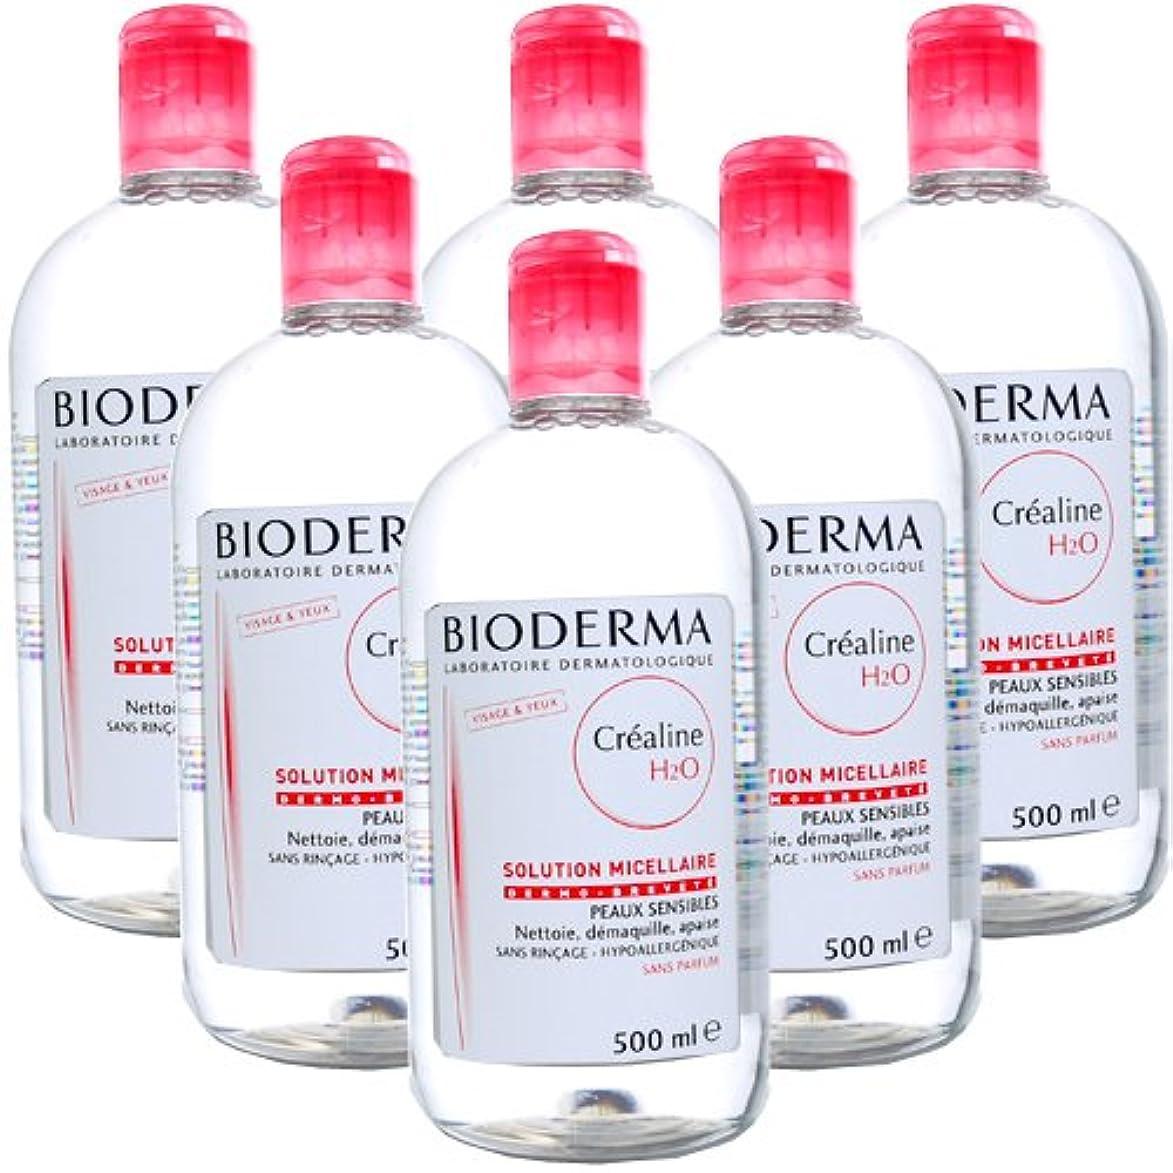 ビオデルマ BIODERMA サンシビオ H2O (エイチ ツーオー) D 500mL 【6本セット】 [並行輸入品]